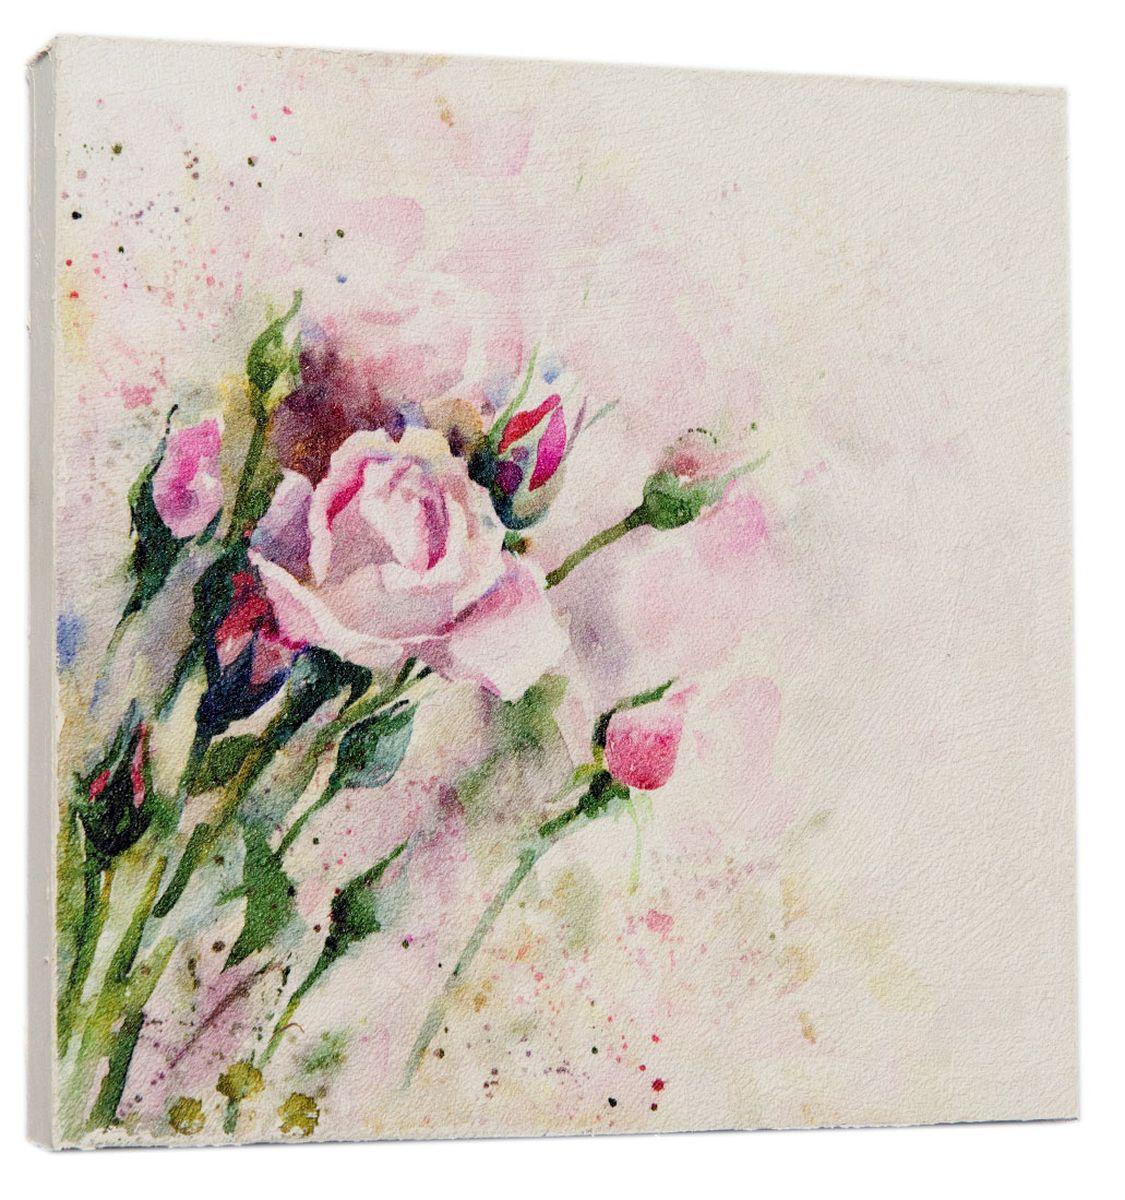 Картина Винтажные розовые розы, 22 х 22 см0569-22-22